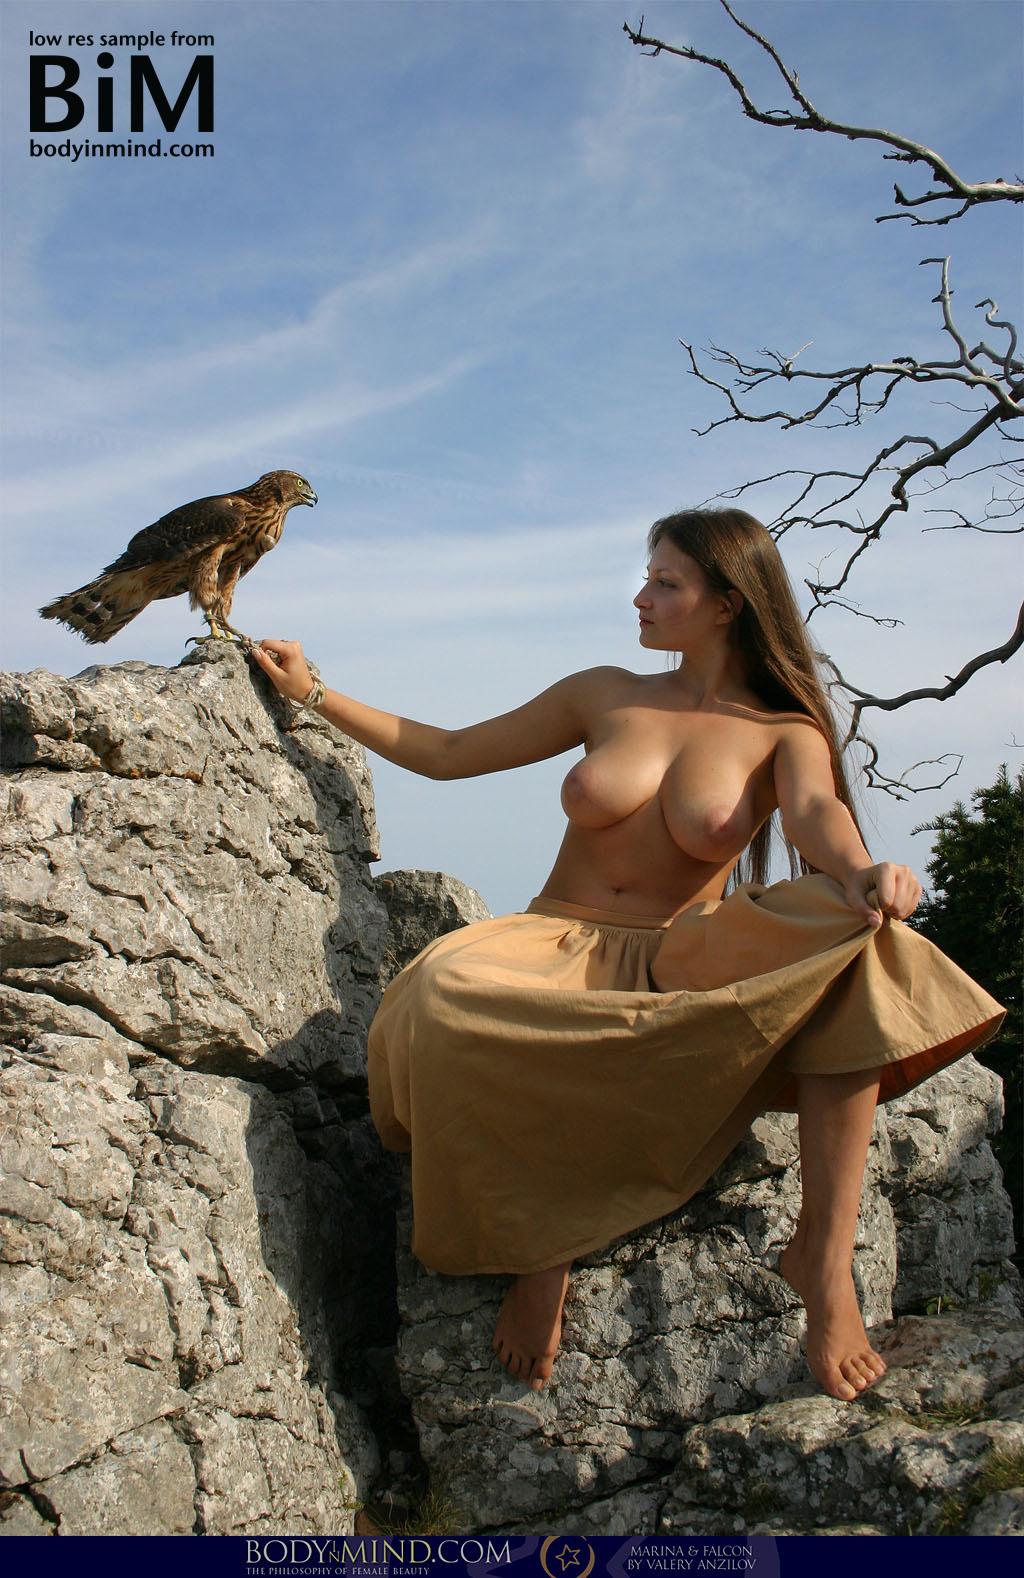 Marina and Falcon - NudesPuri.com